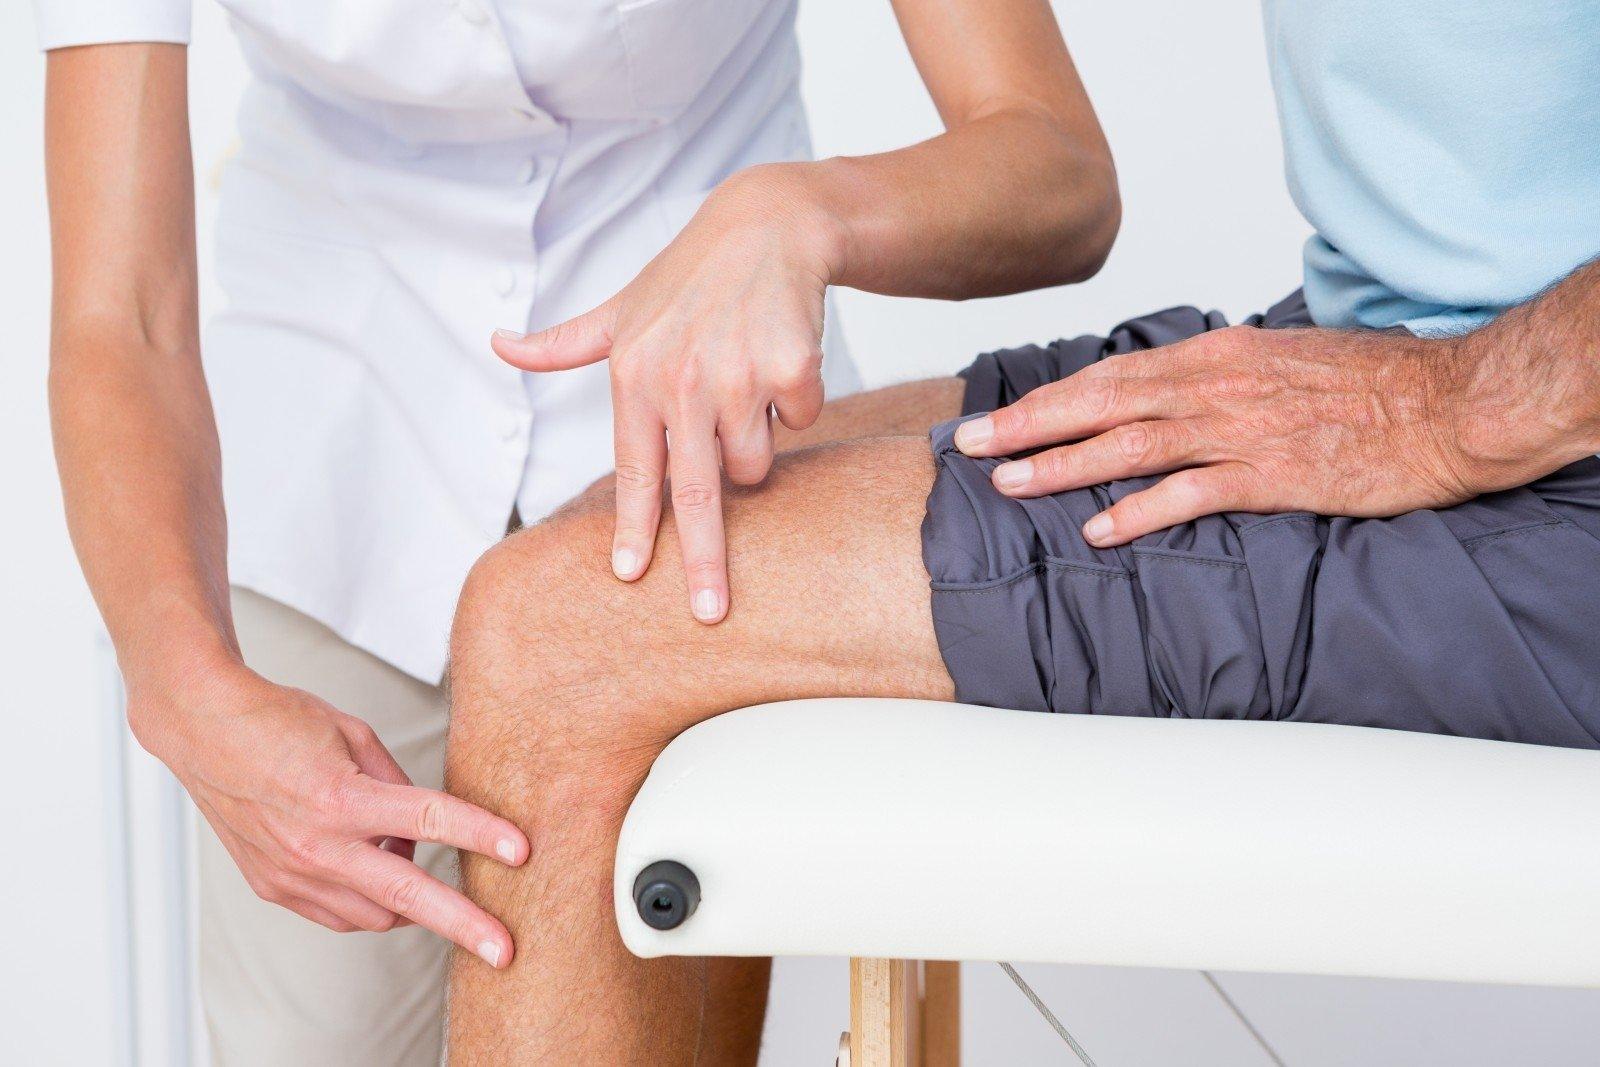 liga namo sąnarių peties skausmas pereinantis i ranka